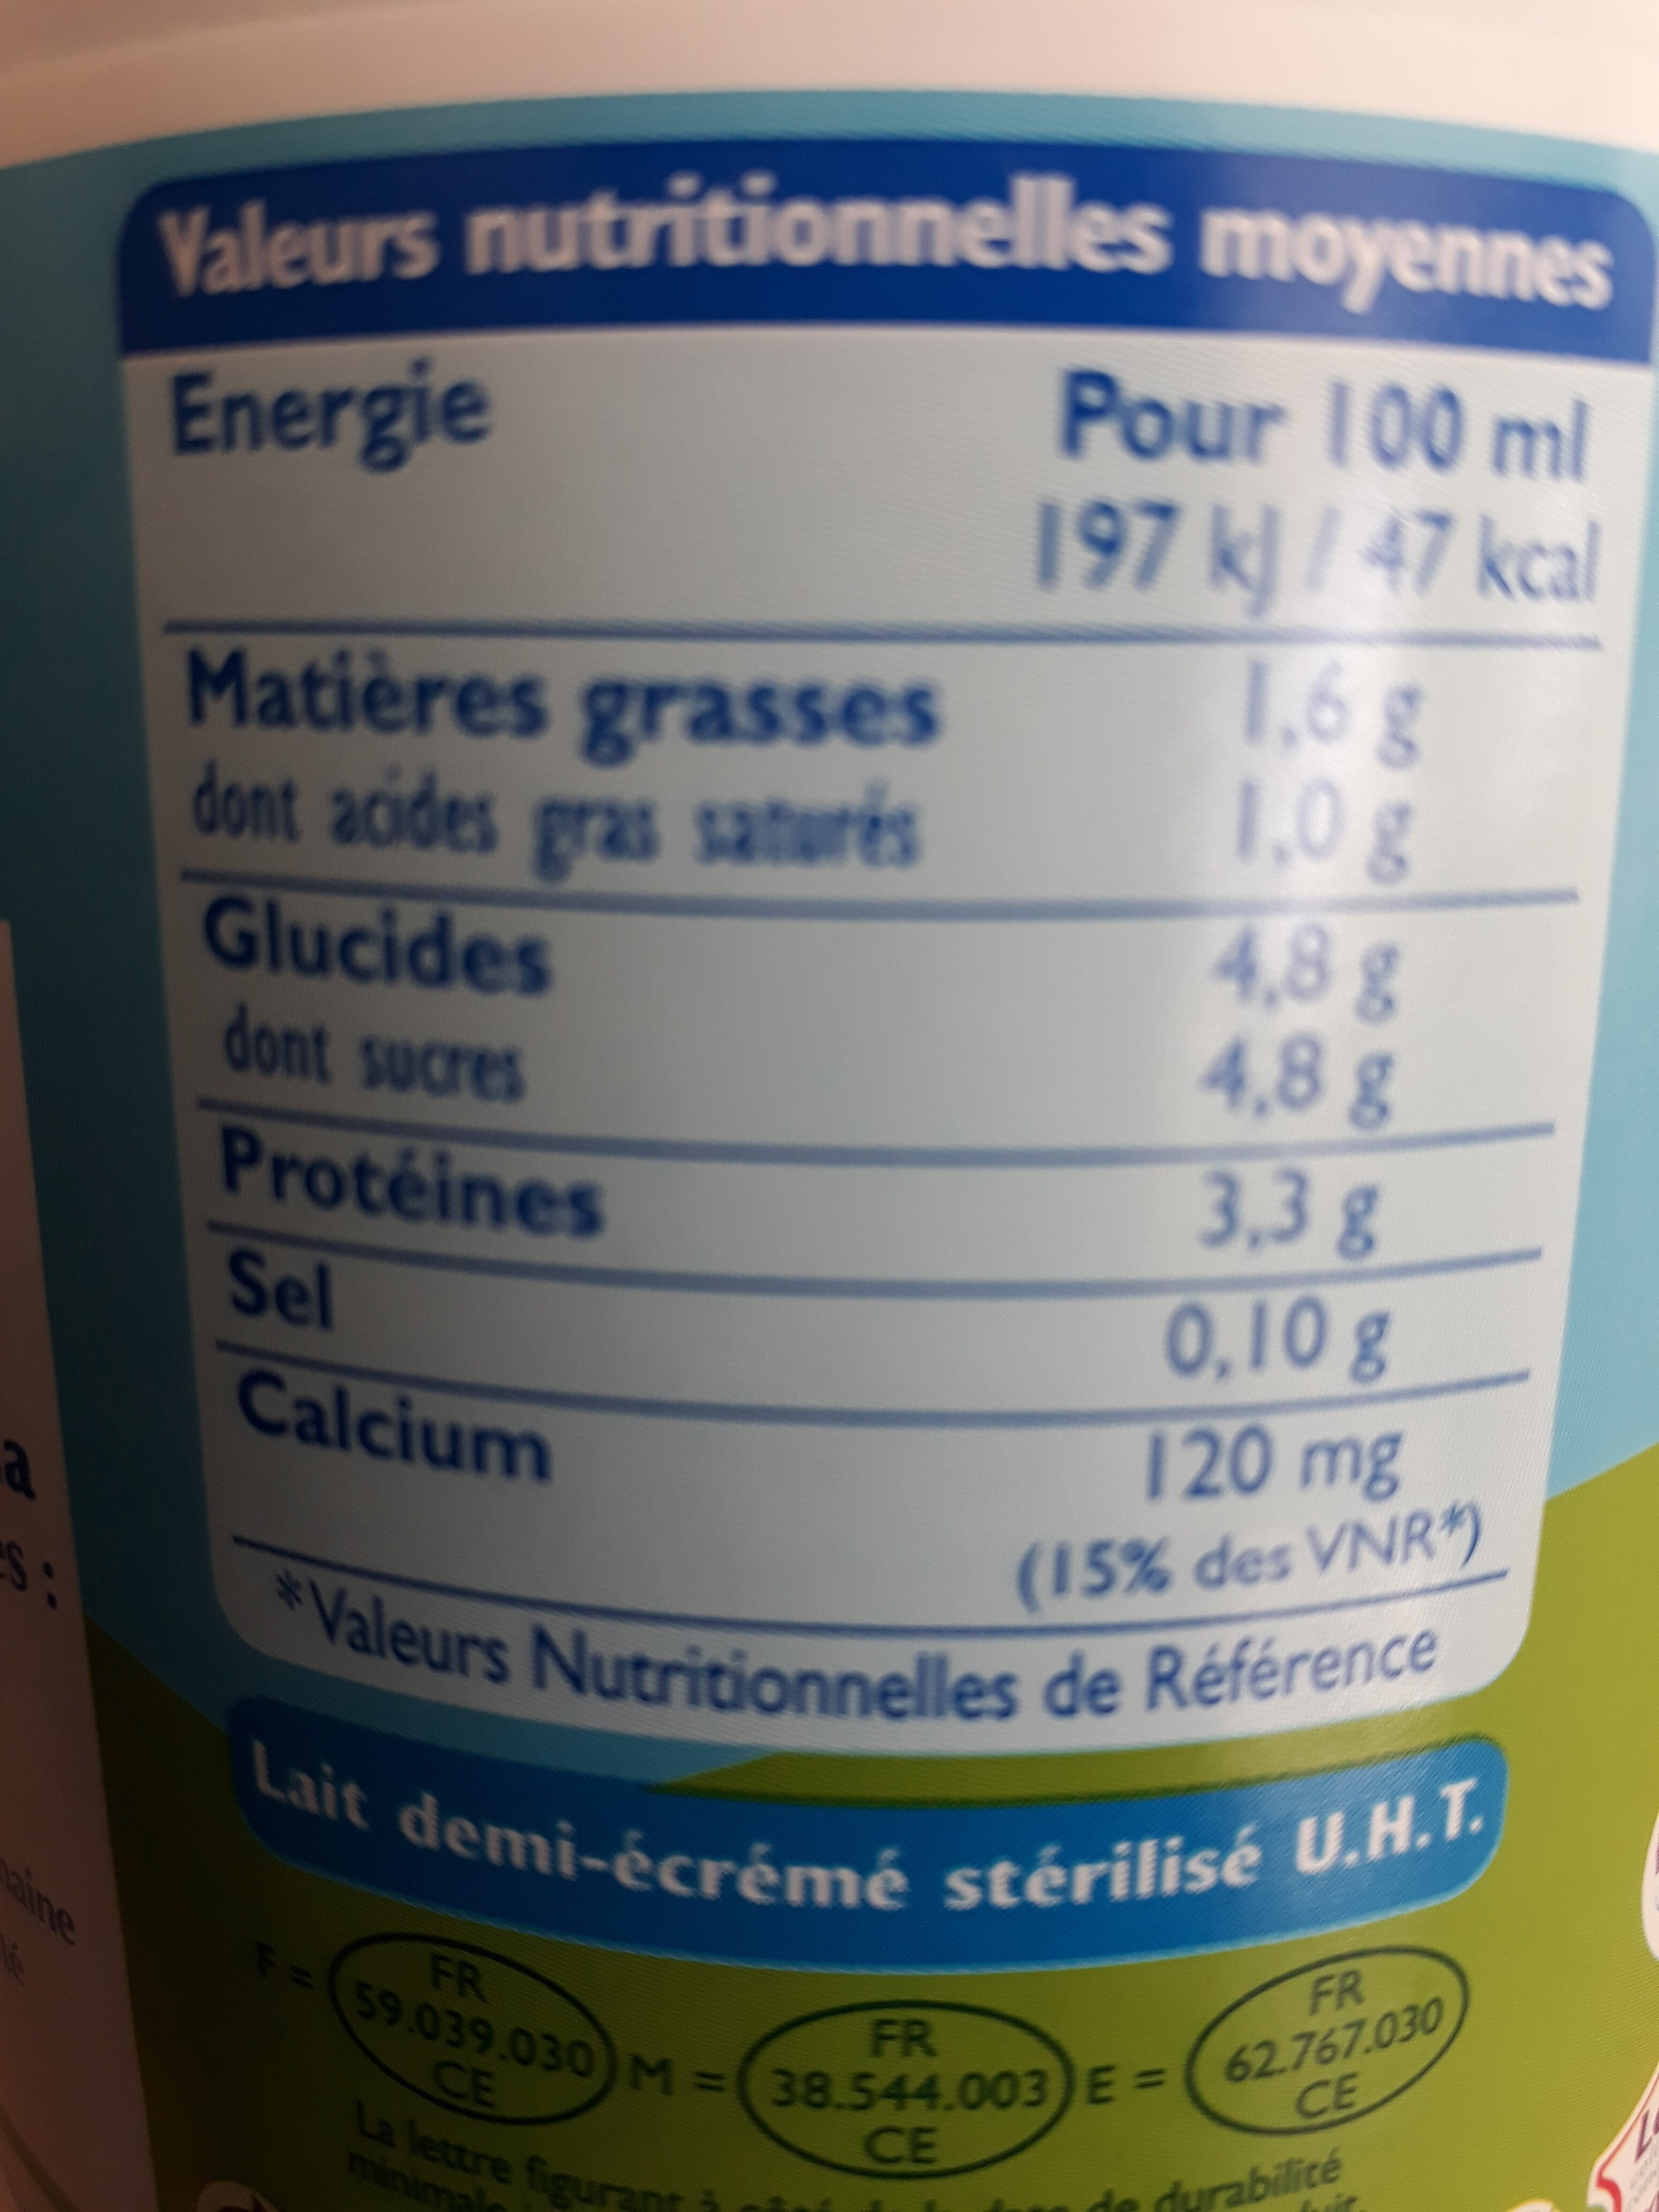 GrandLait - Demi-écrémé - Informations nutritionnelles - fr